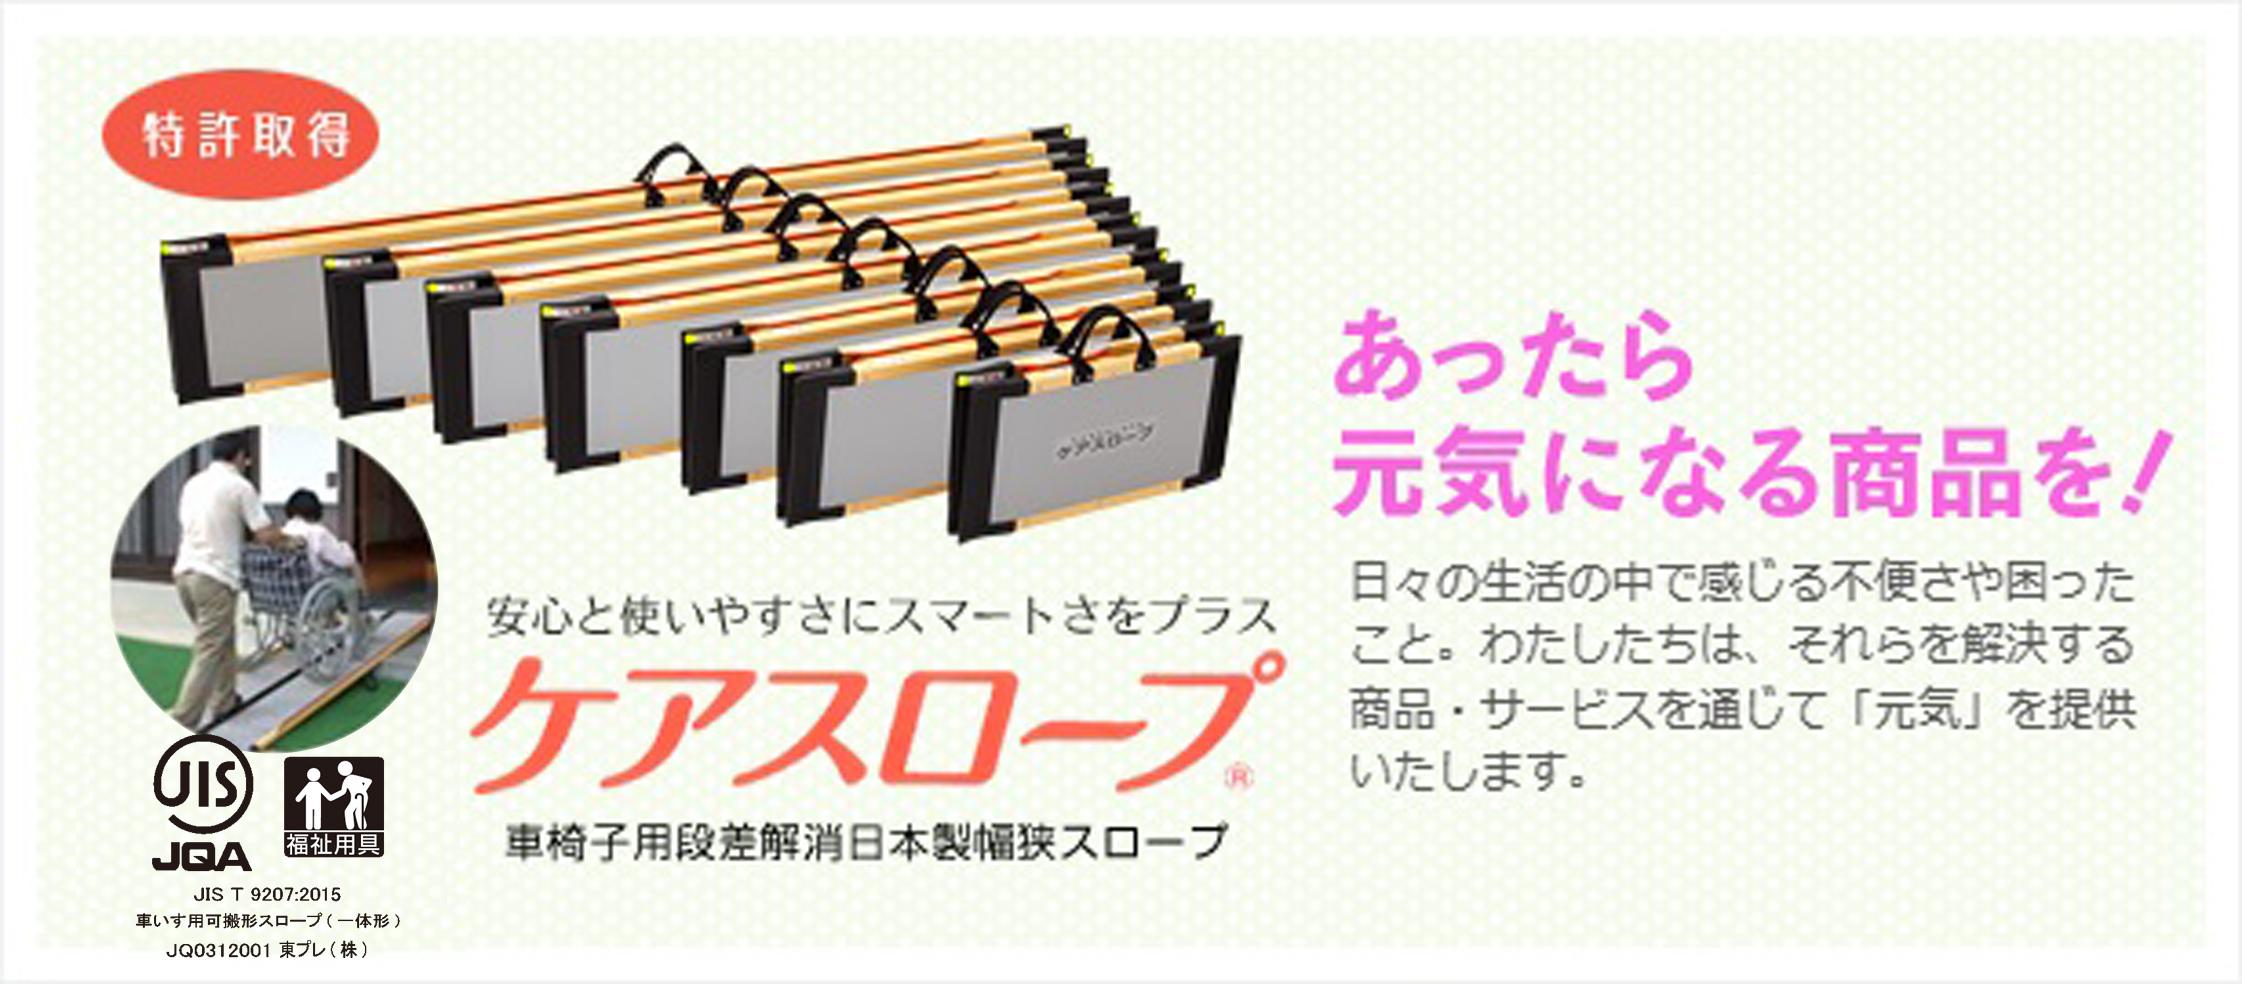 車椅子用段差解消日本製幅狭スロープ ケアスロープ